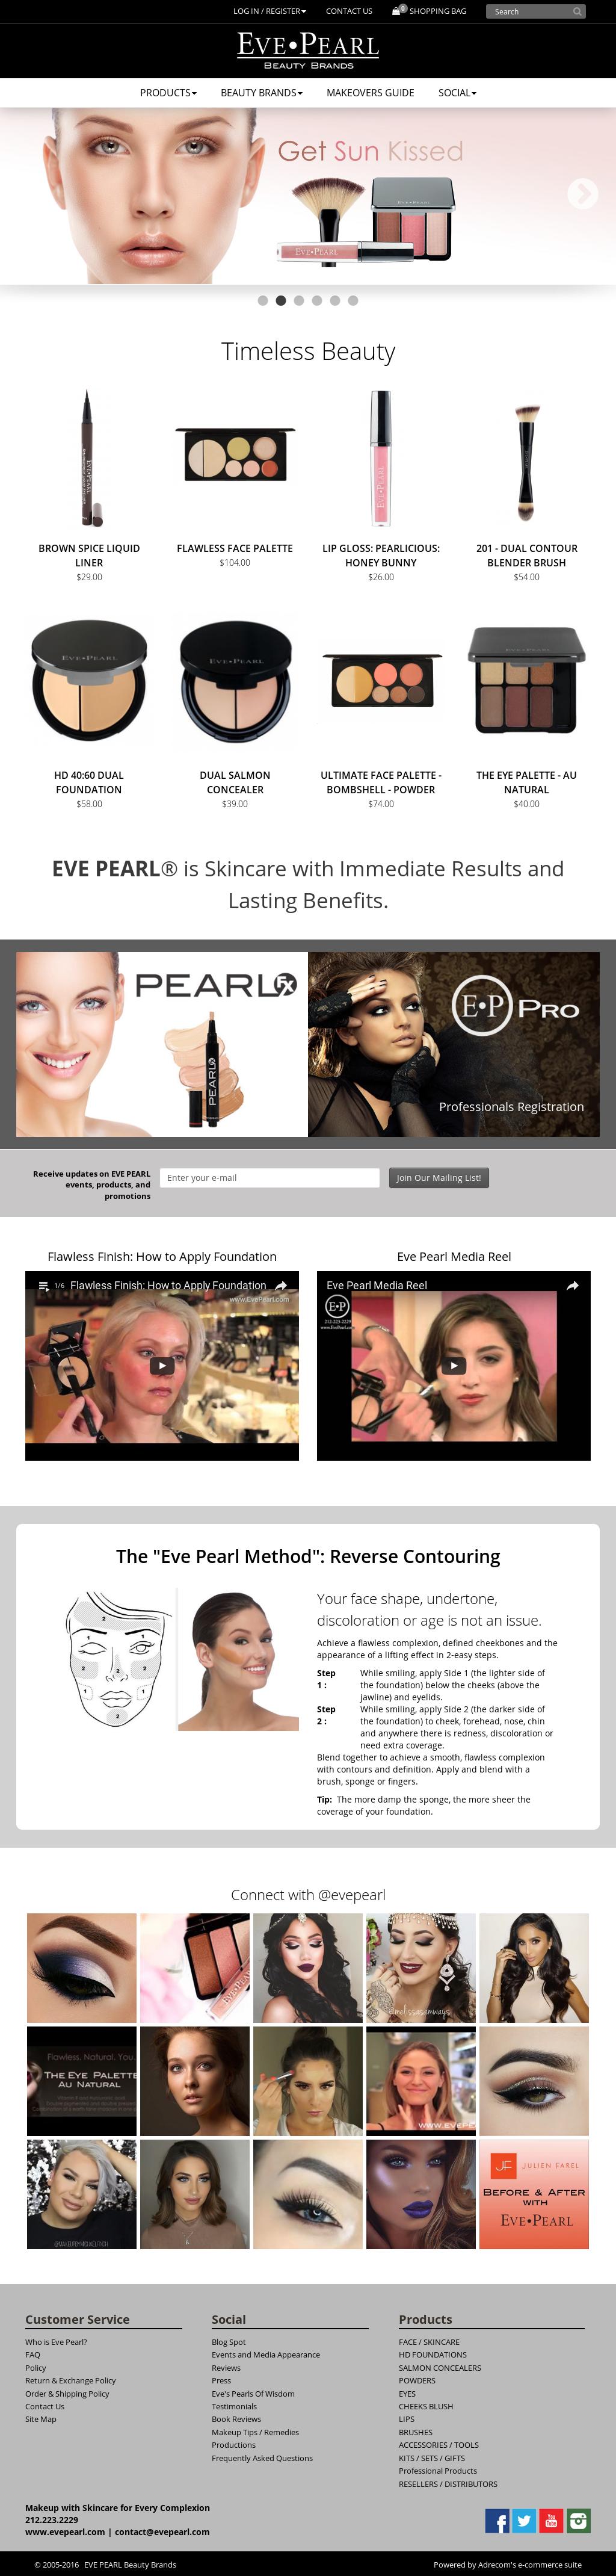 Eve Pearl Makeup Reviews Saubhaya